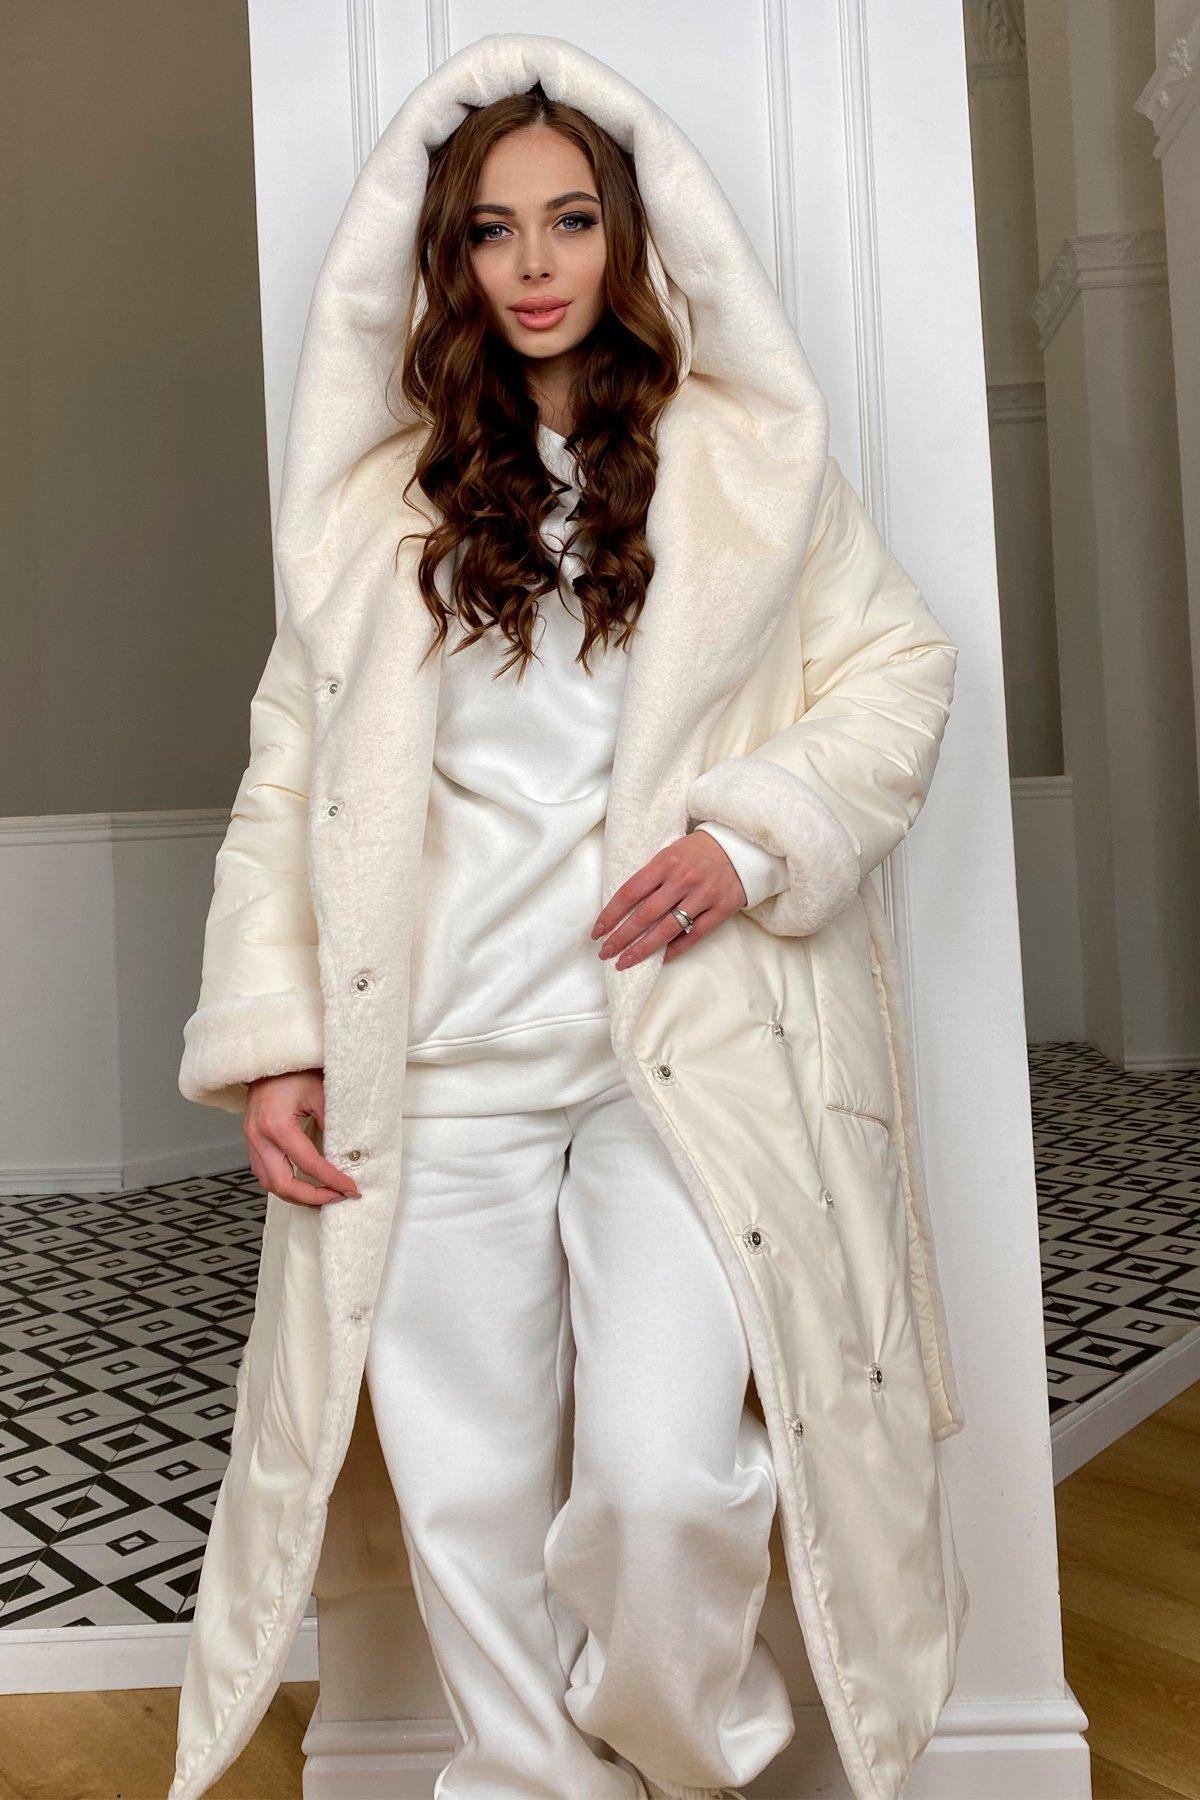 Сноу  теплое двухстороннее пальто из  еко меха и плотной  плащевки 9956 АРТ. 46669 Цвет: Молоко/Молоко 6 - фото 5, интернет магазин tm-modus.ru